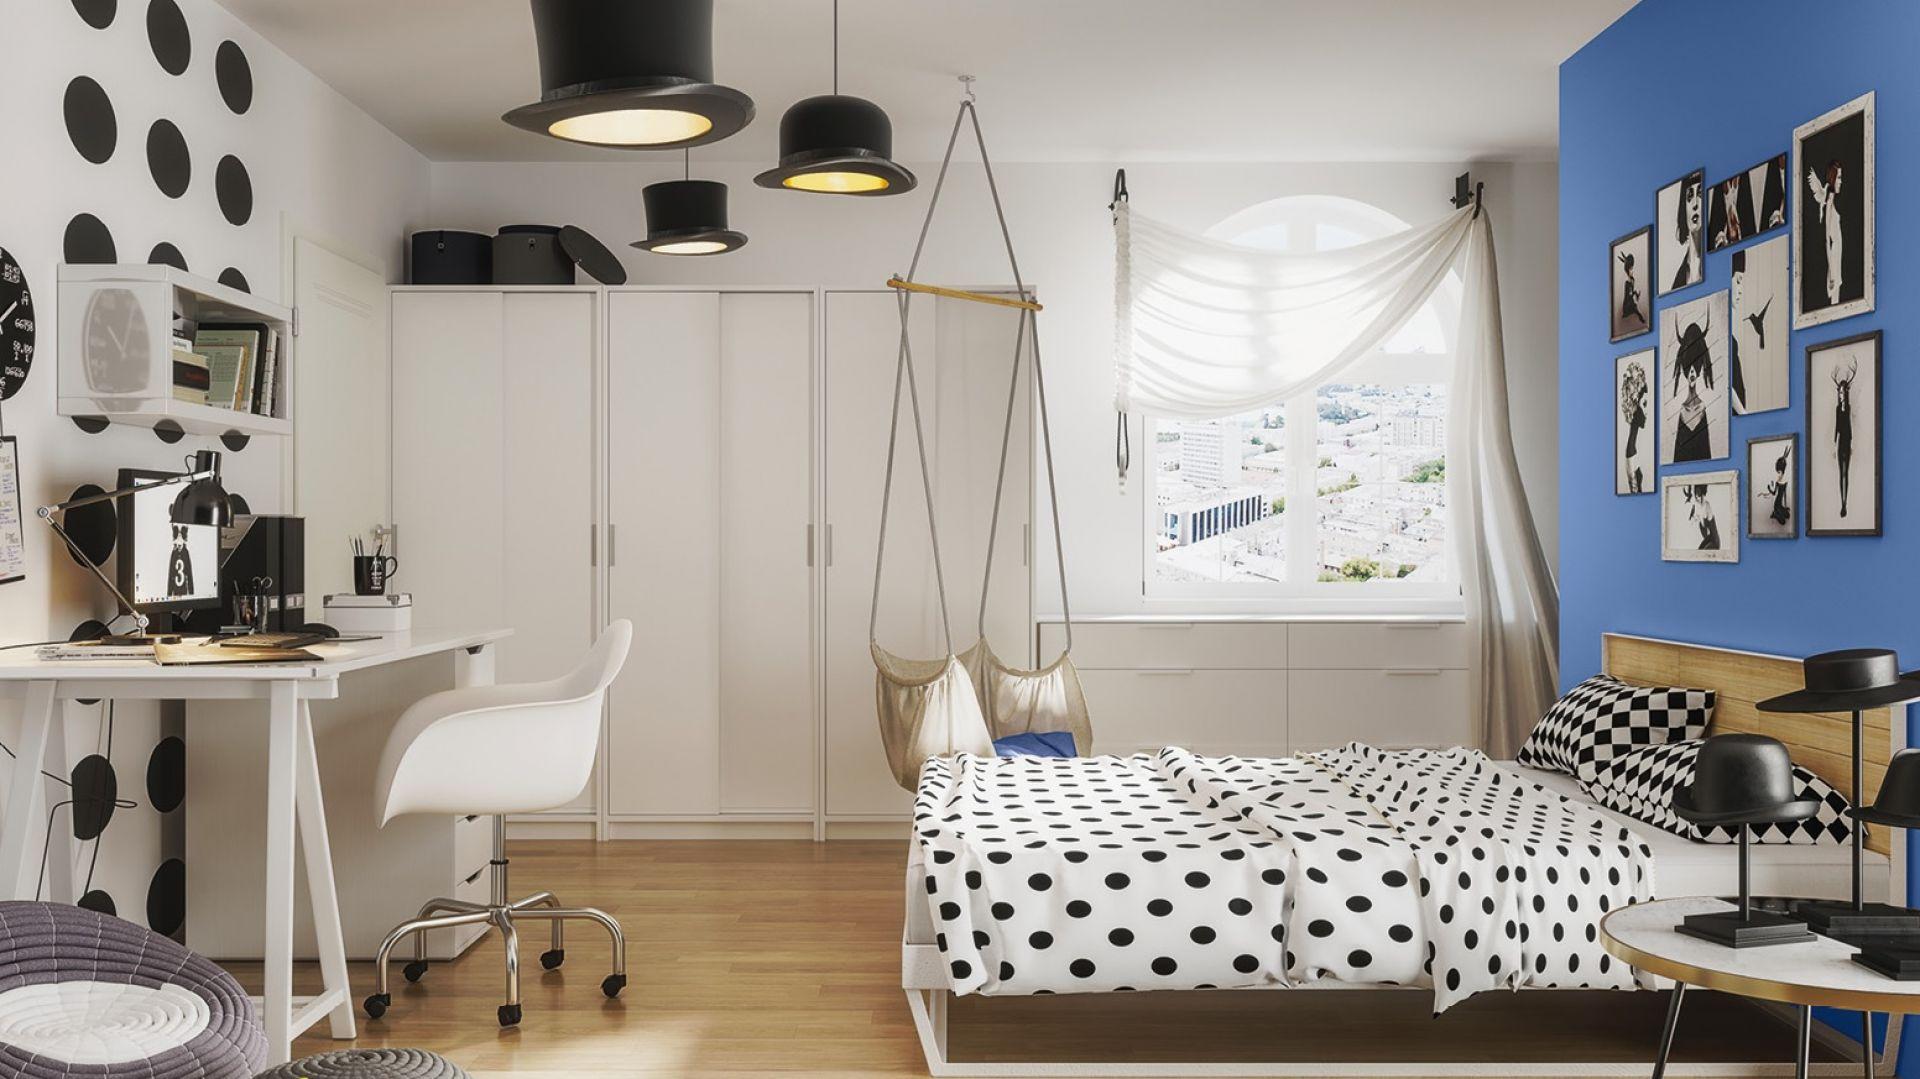 Pomysł na czarno-biały oryginalny pokój dla nastolatka. Ciekawe lampy, urocze kropki na ścianie i dżinsowy odcień niebieskiego. Fot. Śnieżka